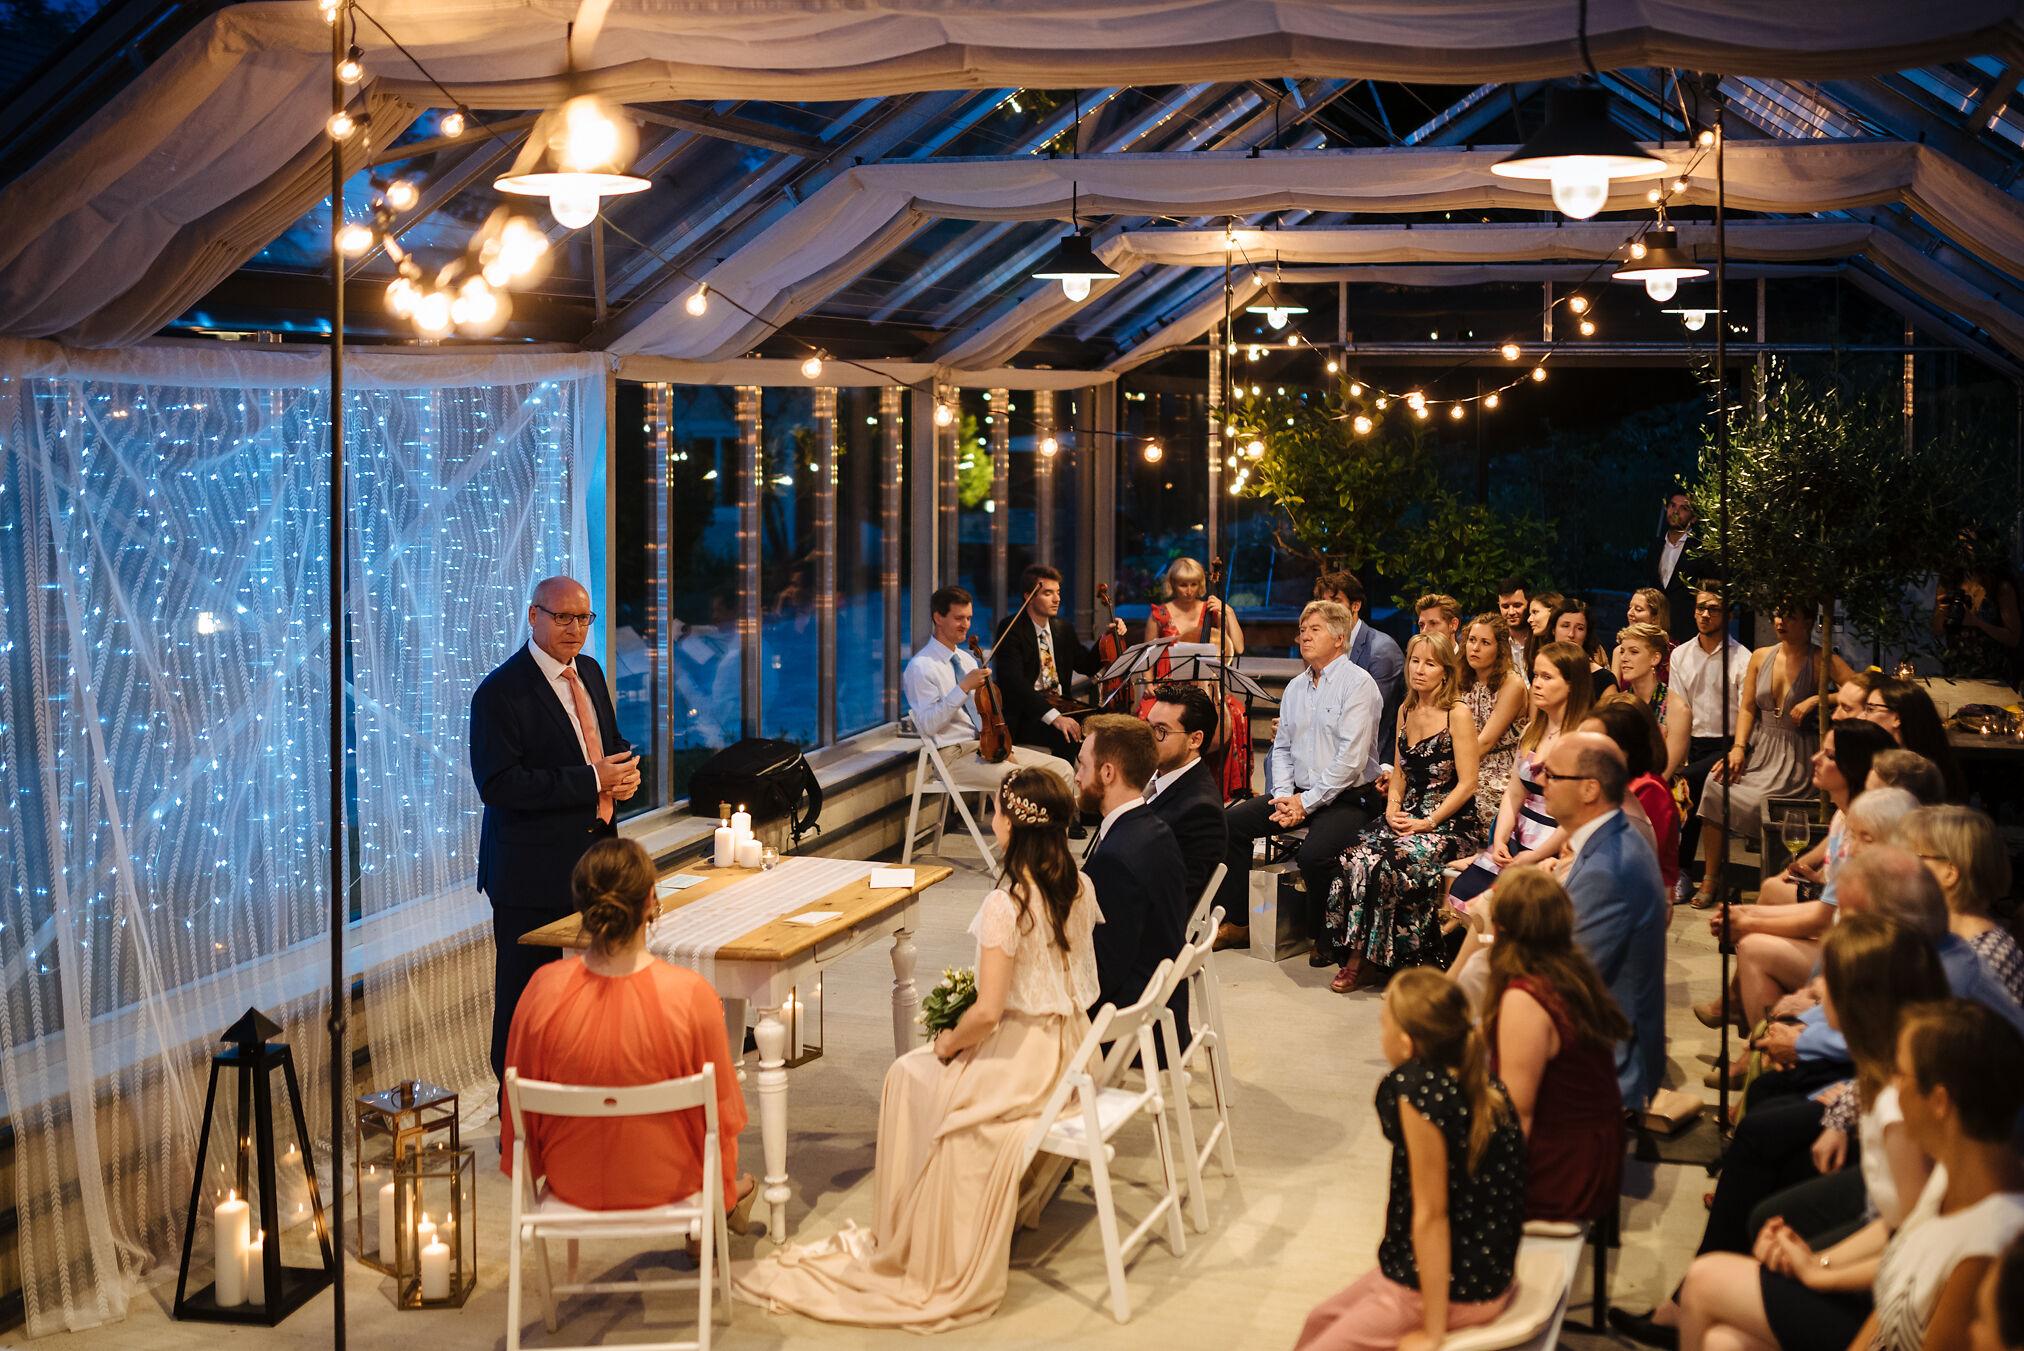 Hochzeit-Garten-Denoti-59.jpg